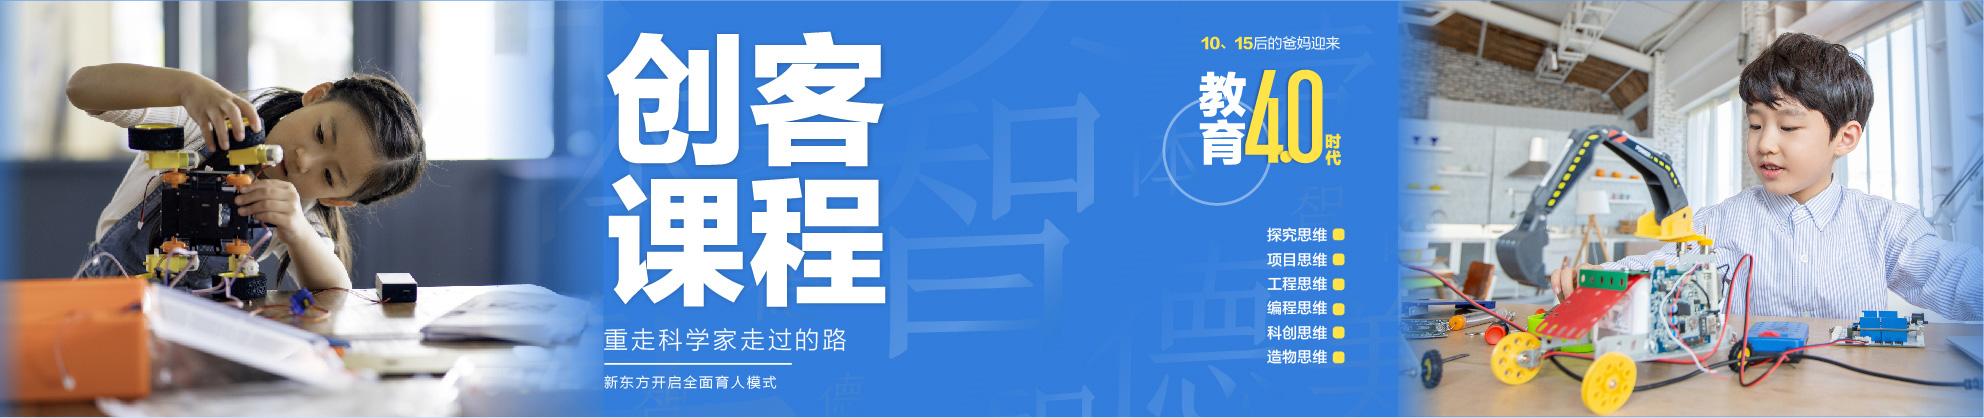 重慶新東方創客課程